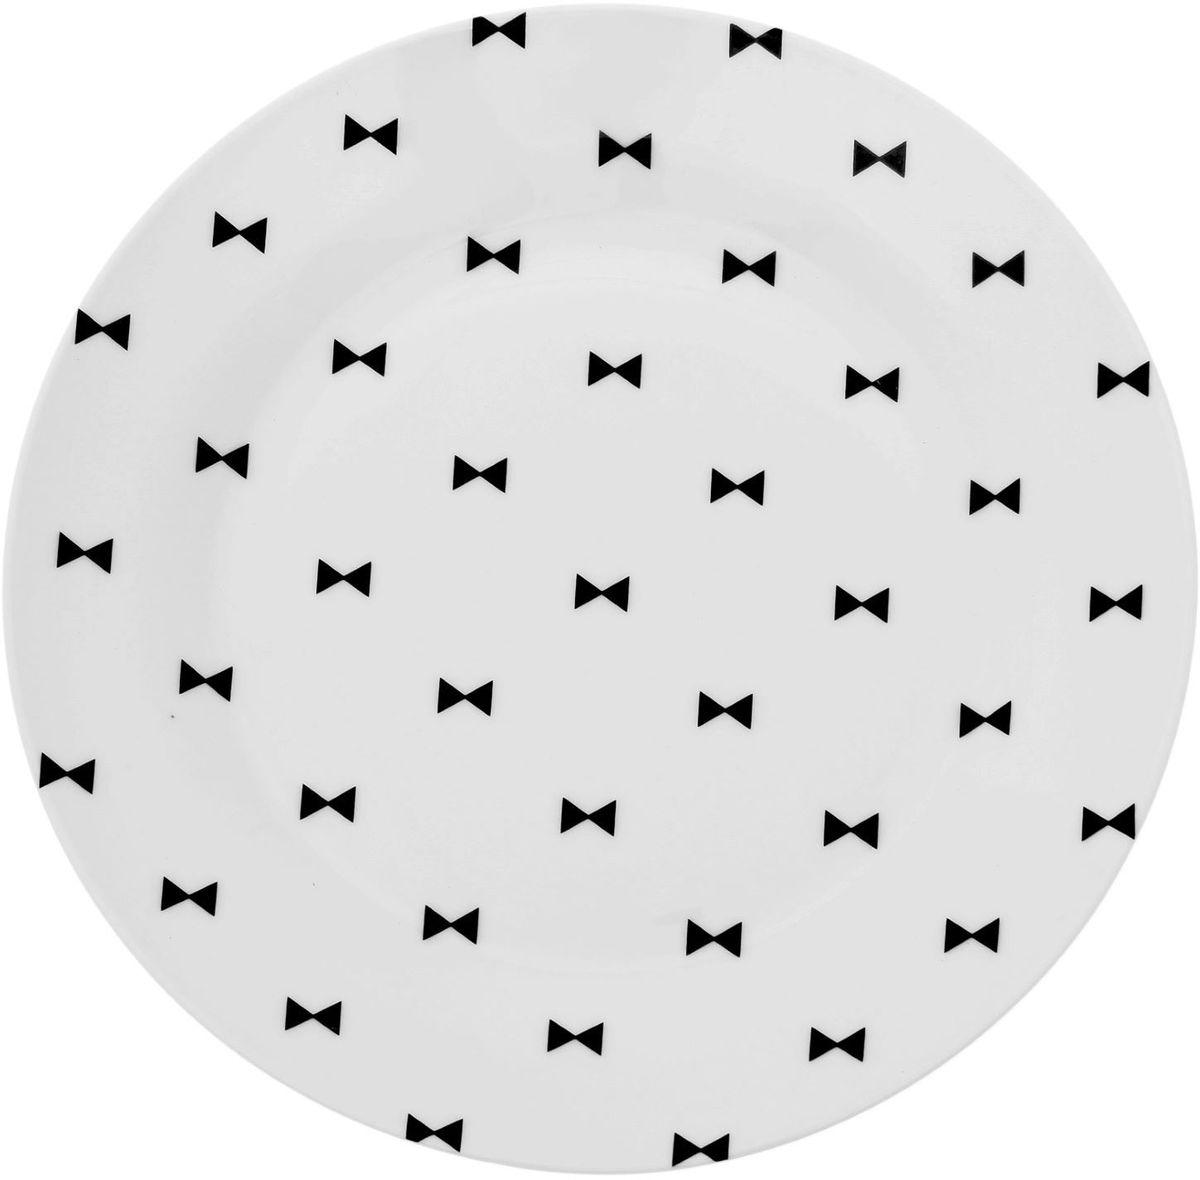 Тарелка Сотвори чудо Бантик, диаметр 23 см1661833Хотите обновить интерьер кухни или гостиной? Устраиваете необычную фотосессию или тематический праздник? А может, просто ищете подарок для близкого человека? Посуда Сотвори Чудо — правильный выбор в любой ситуации. Тарелка Сотвори Чудо, изготовленная из изящного фаянса нежного сливочного цвета, оформлена оригинальным рисунком со стойкой краской. Пригодна для посудомоечной машины.